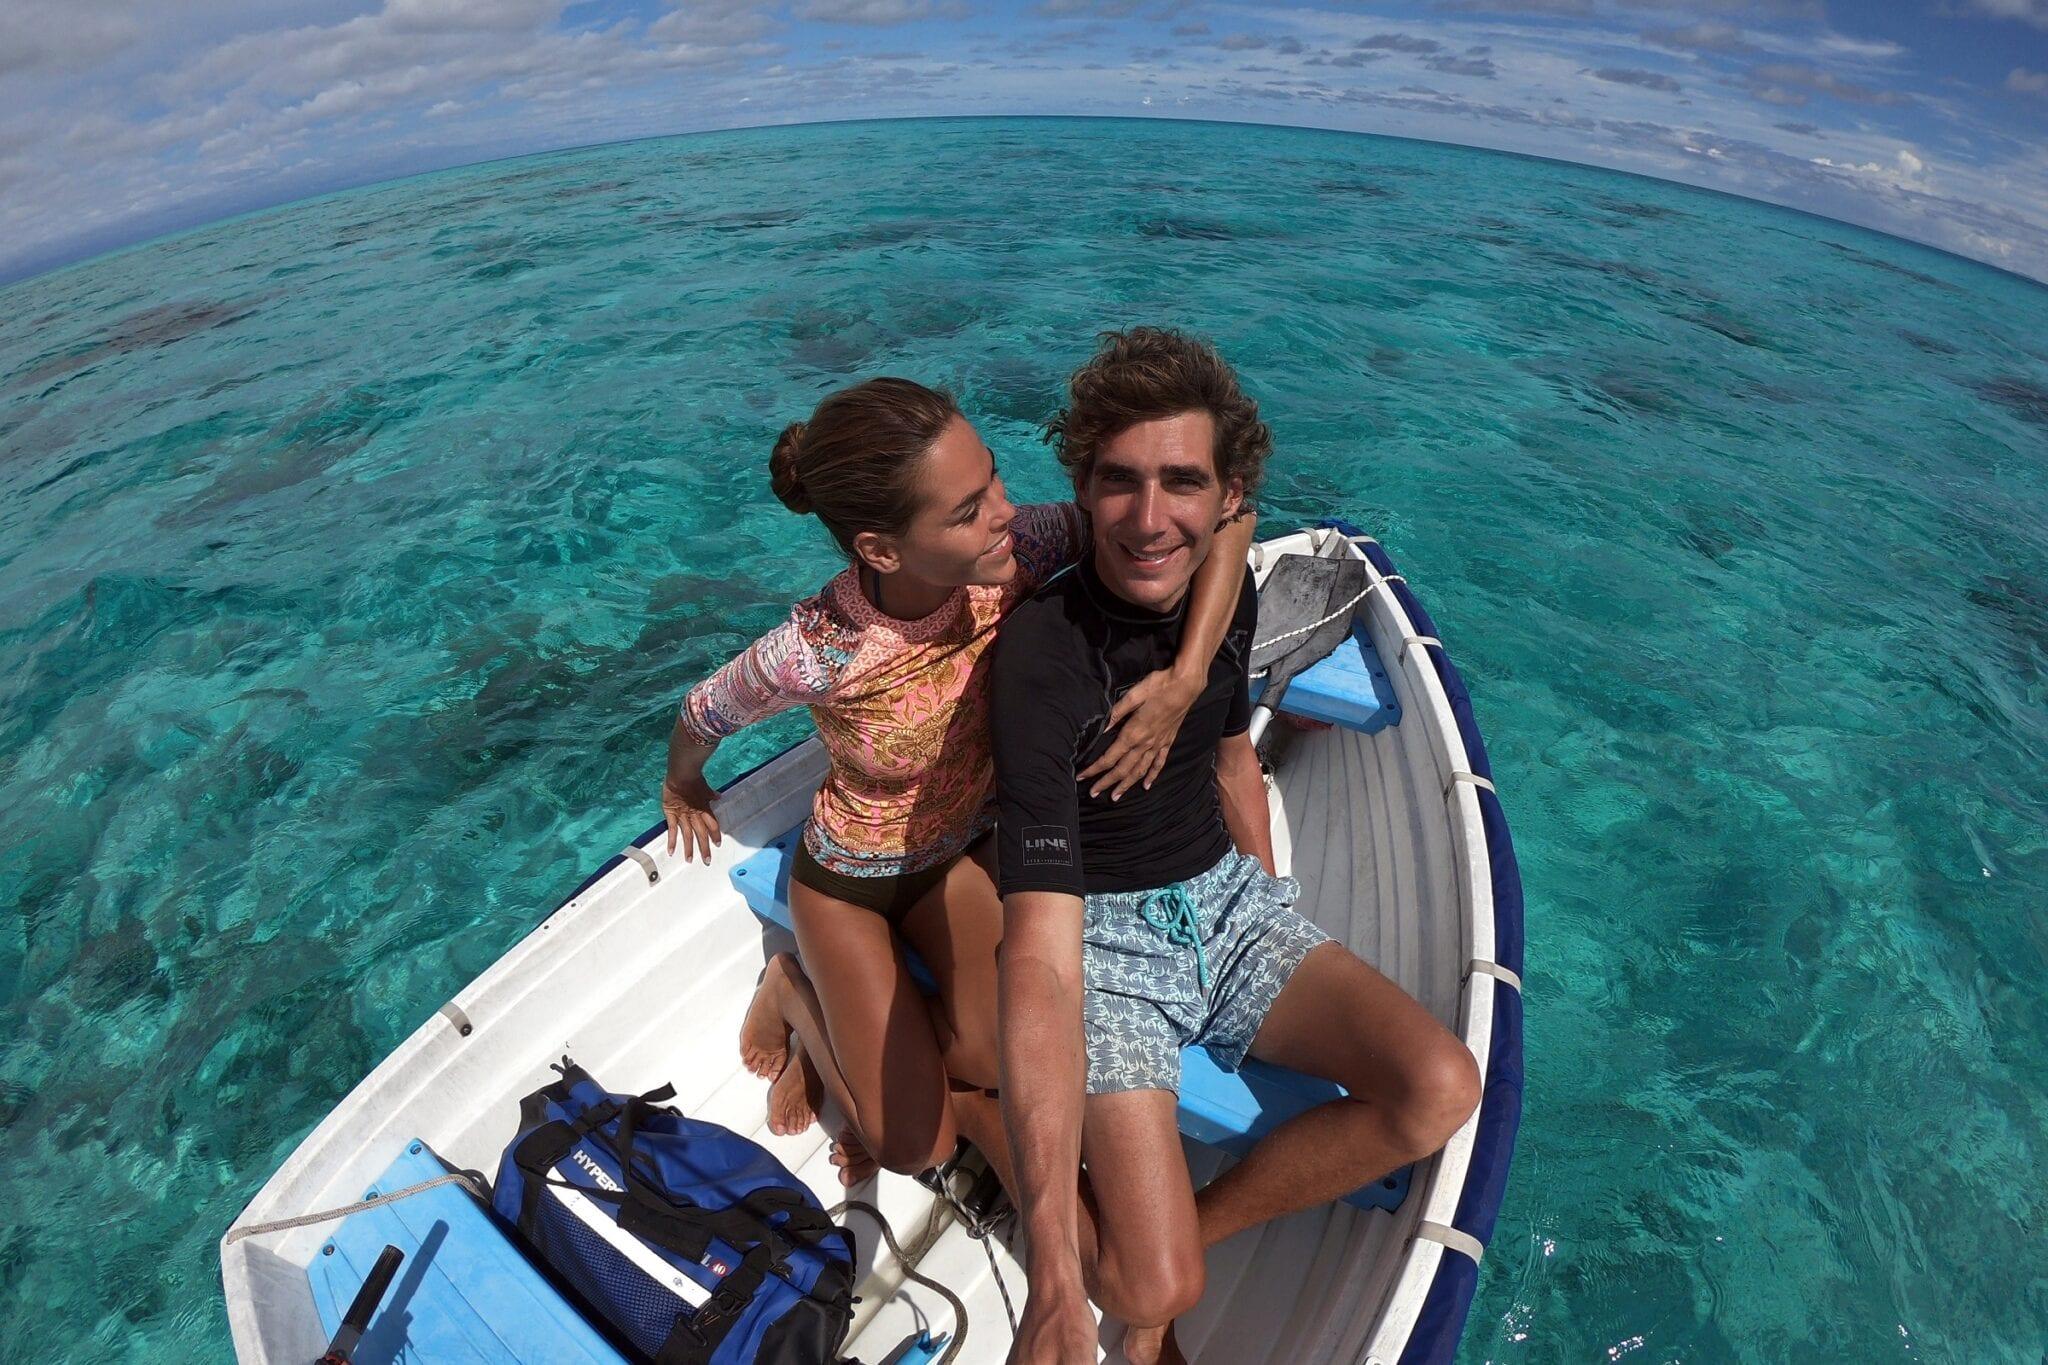 Dreamcatchers: Insegui il tuo sogno. Phil e Iva percorrono viaggiano in barca a vela nei paradisi naturali asiatici, alla ricerca di sognatori